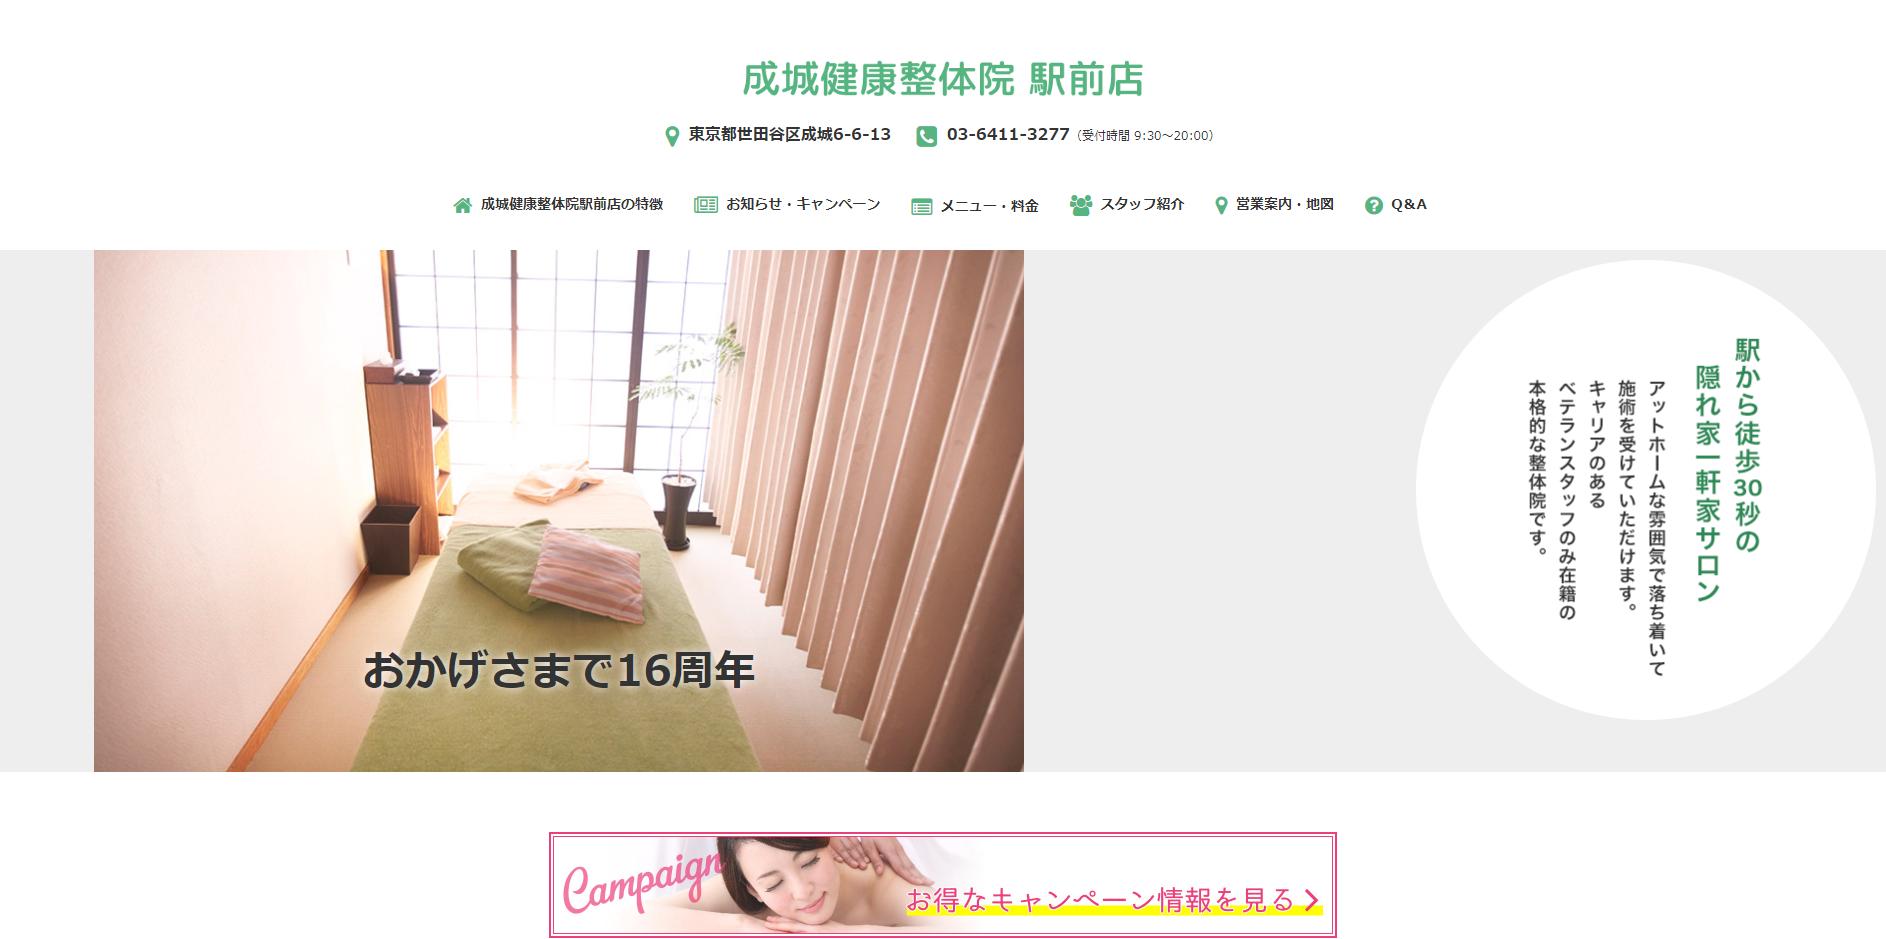 成城健康整体院 駅前店のサムネイル